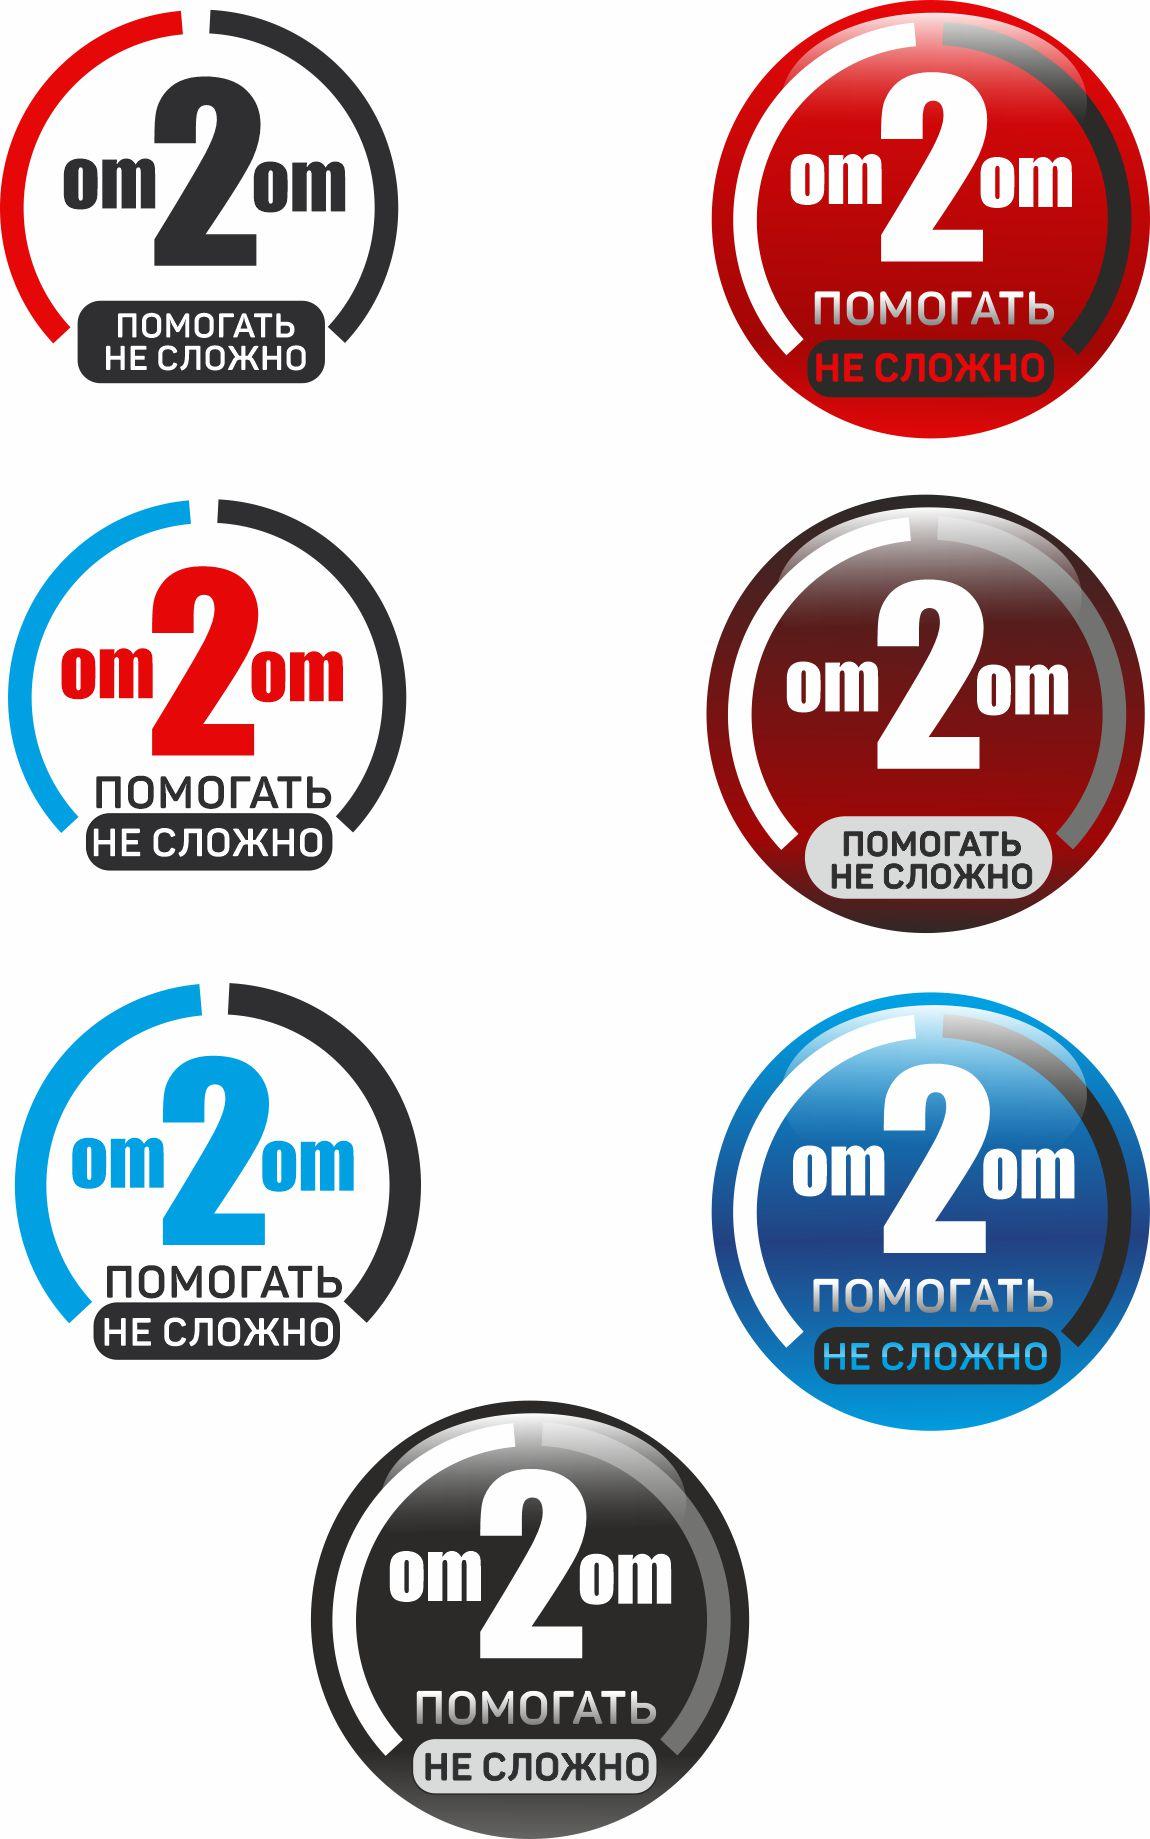 Разработка логотипа для краудфандинговой платформы om2om.md фото f_0645f5a2b33737a1.jpg